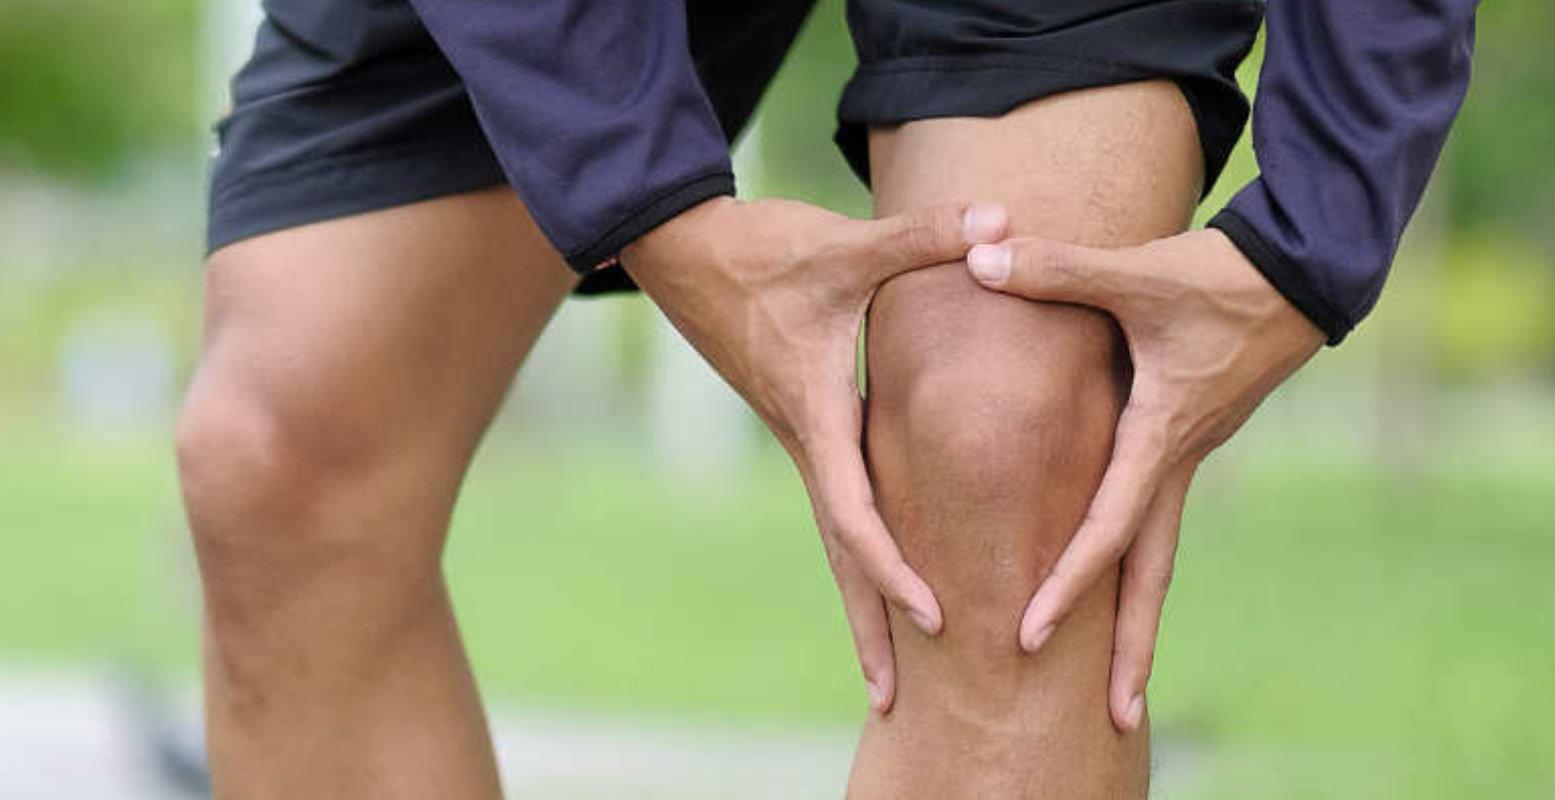 prp for sport injury kelowna